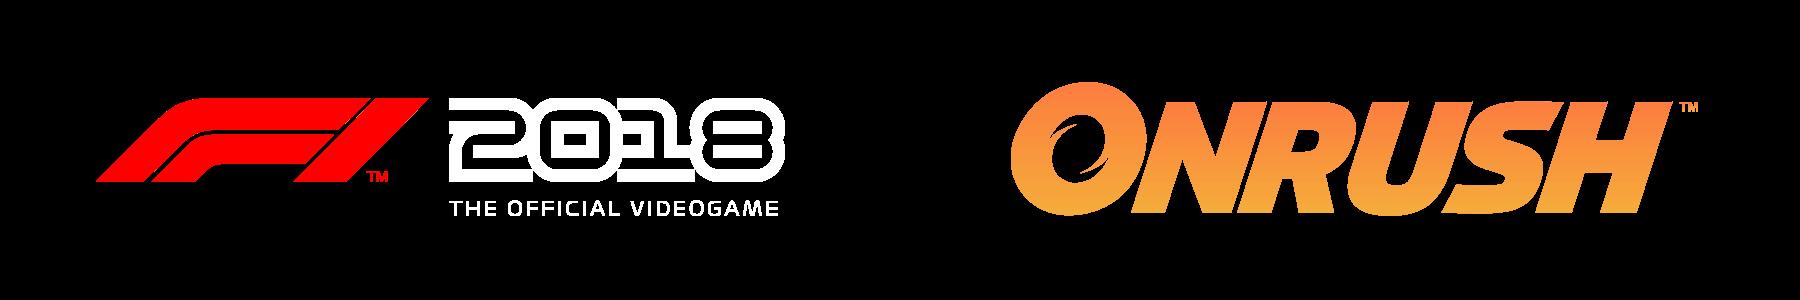 F1 and Onrush logos